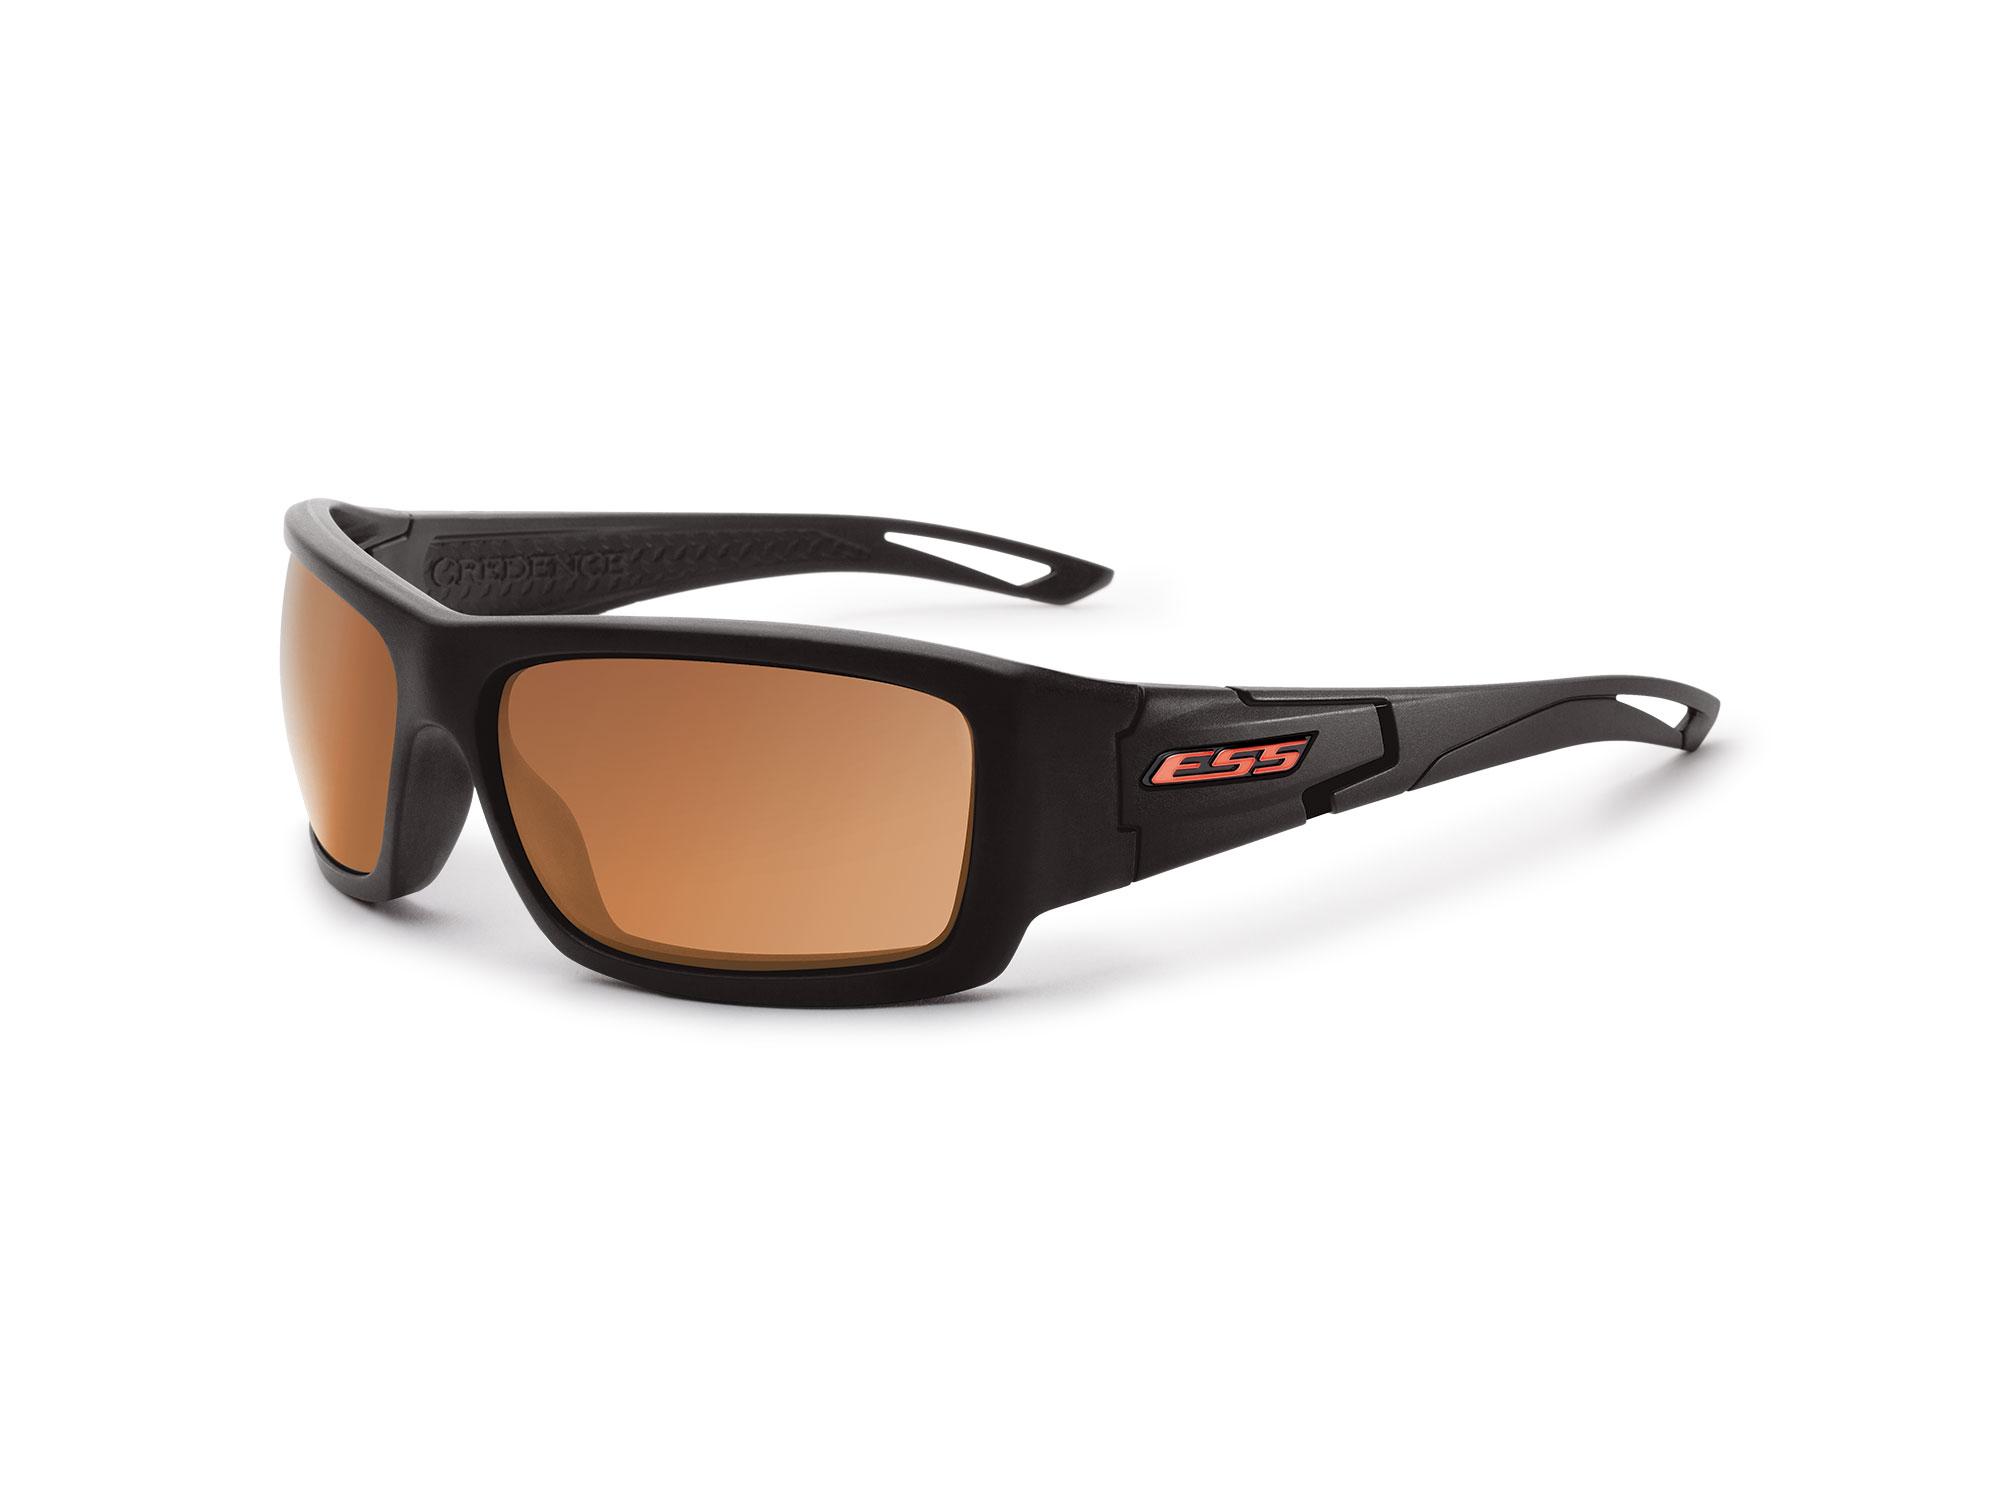 EE9015-06フレーム:ブラック、レンズ:ミラーコッパー